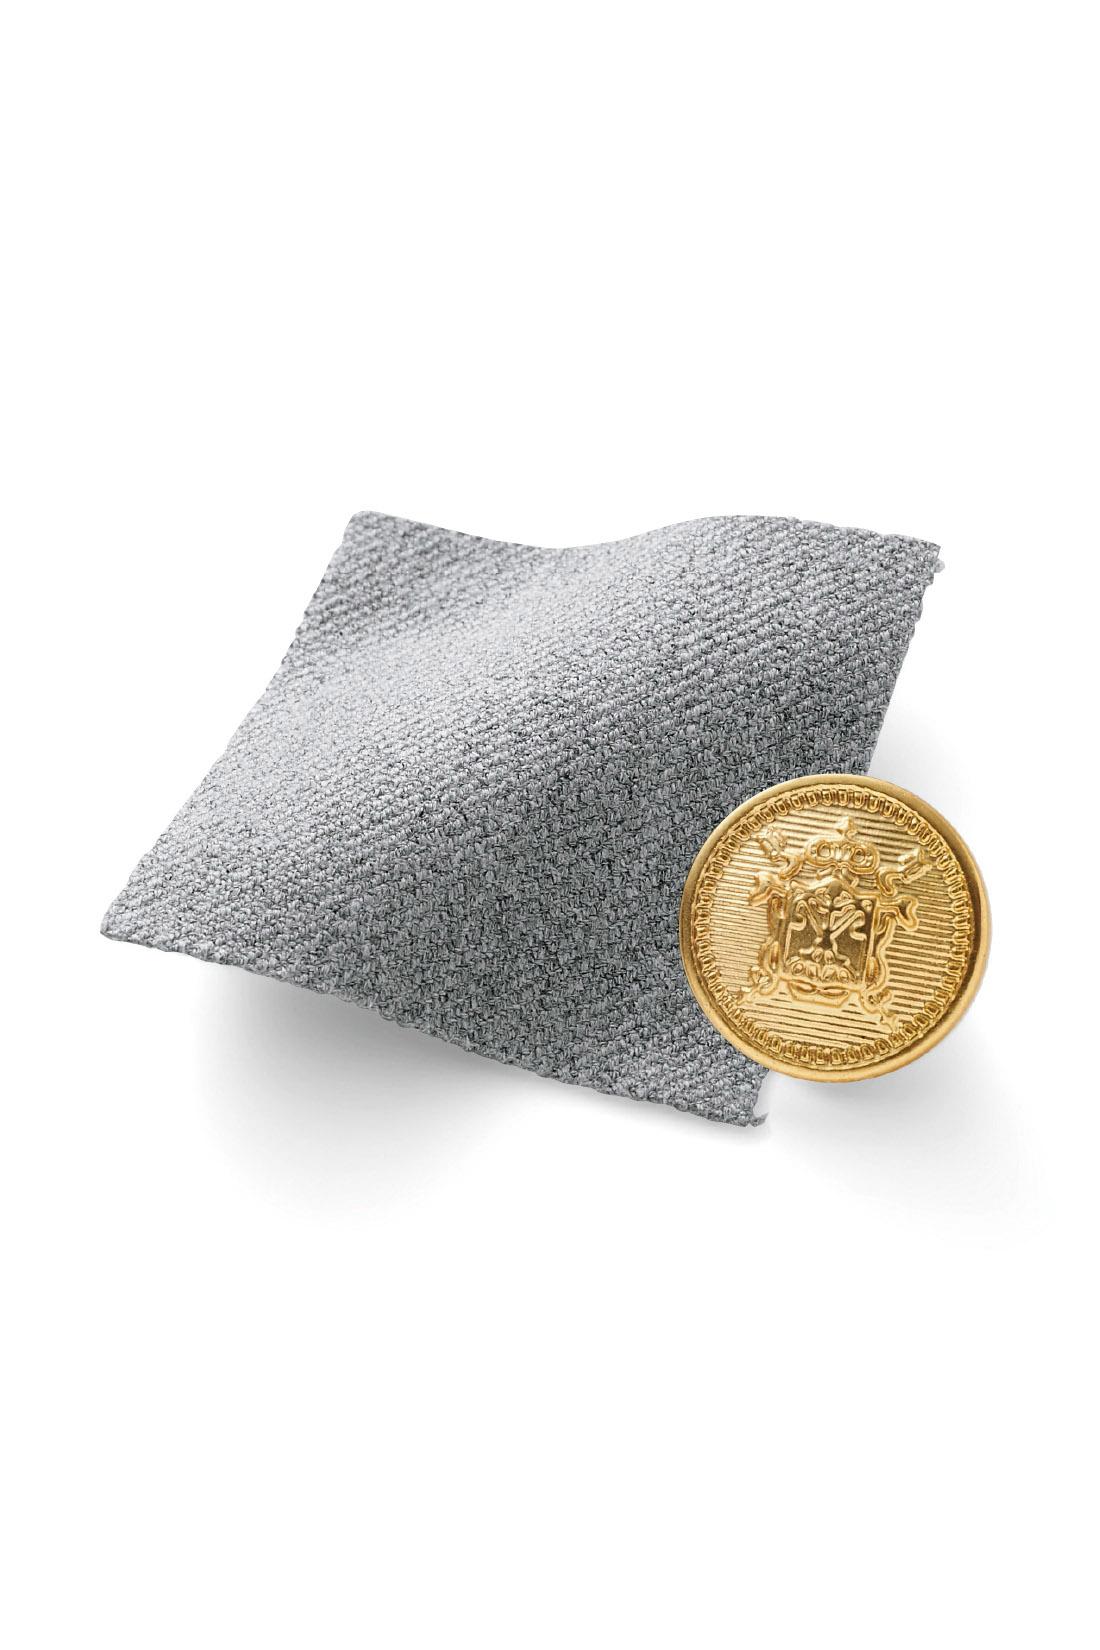 ほどよい厚みで上質感のあるダブルクロス素材。 ウエストの艶消しゴールドのボタンが上品なポイント。